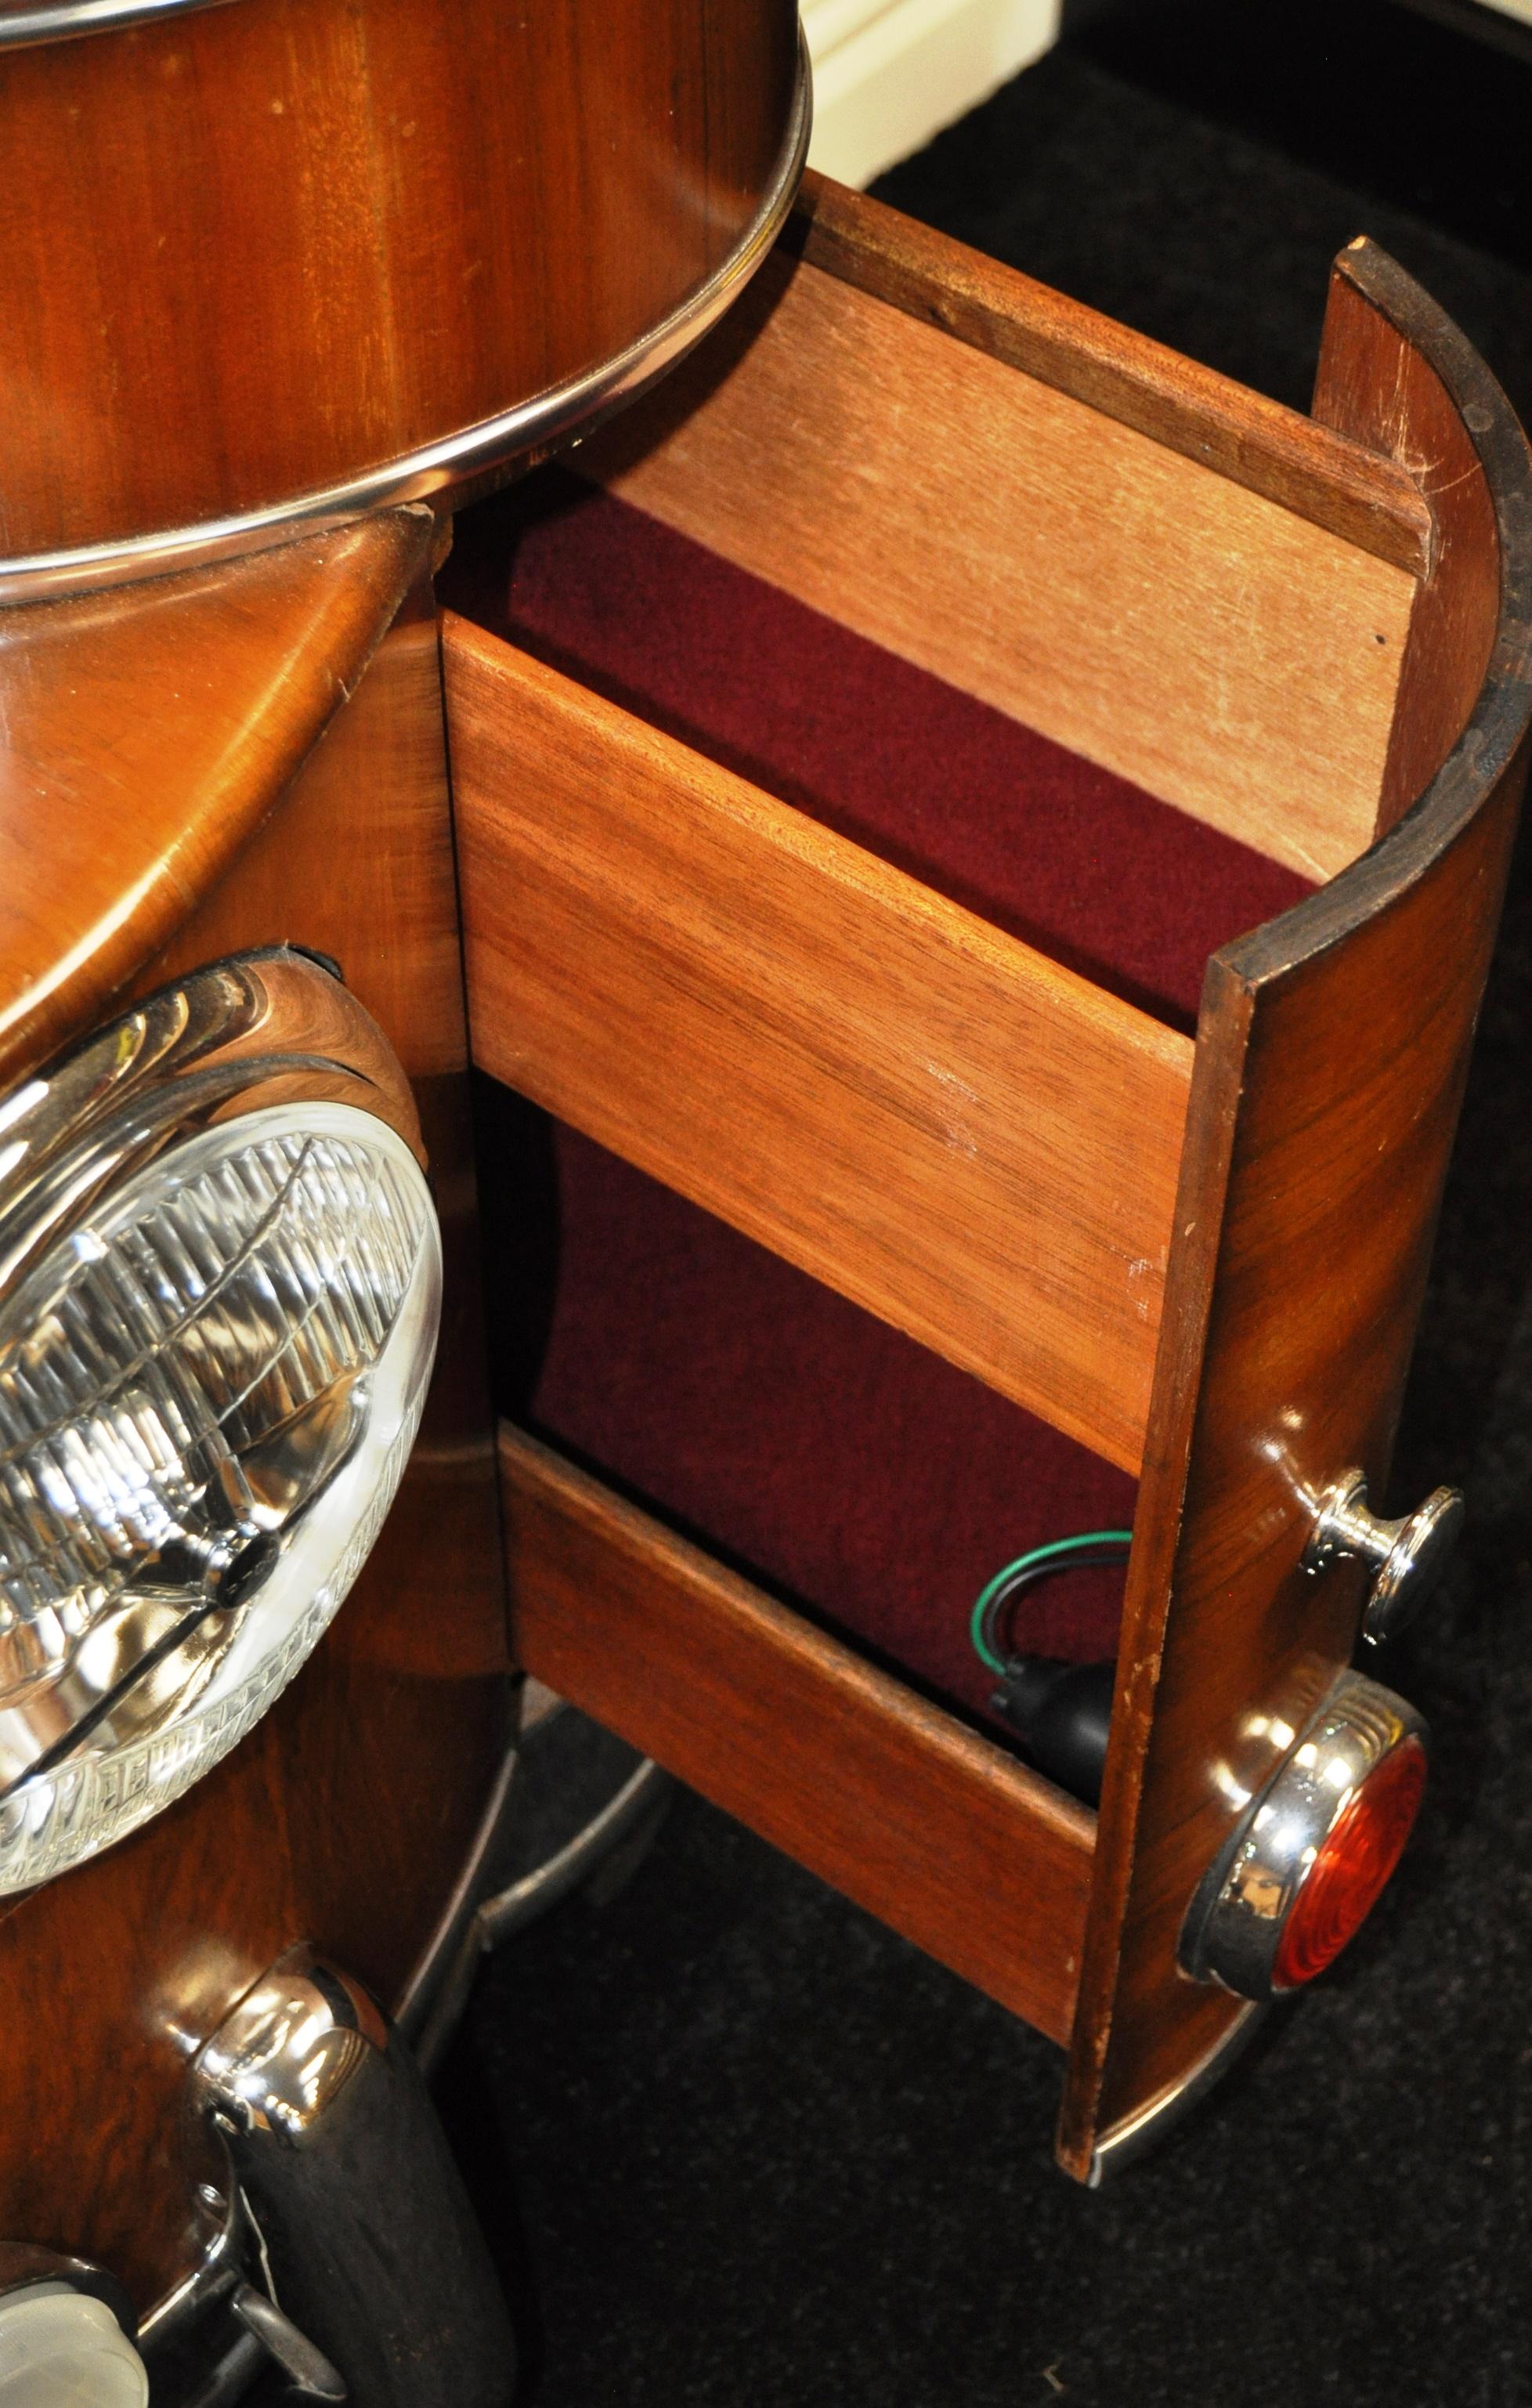 JAGUAR - INCREDIBLE 1940S SIDEBOARD STYLE OF JAGUAR MK 2 - Image 7 of 8